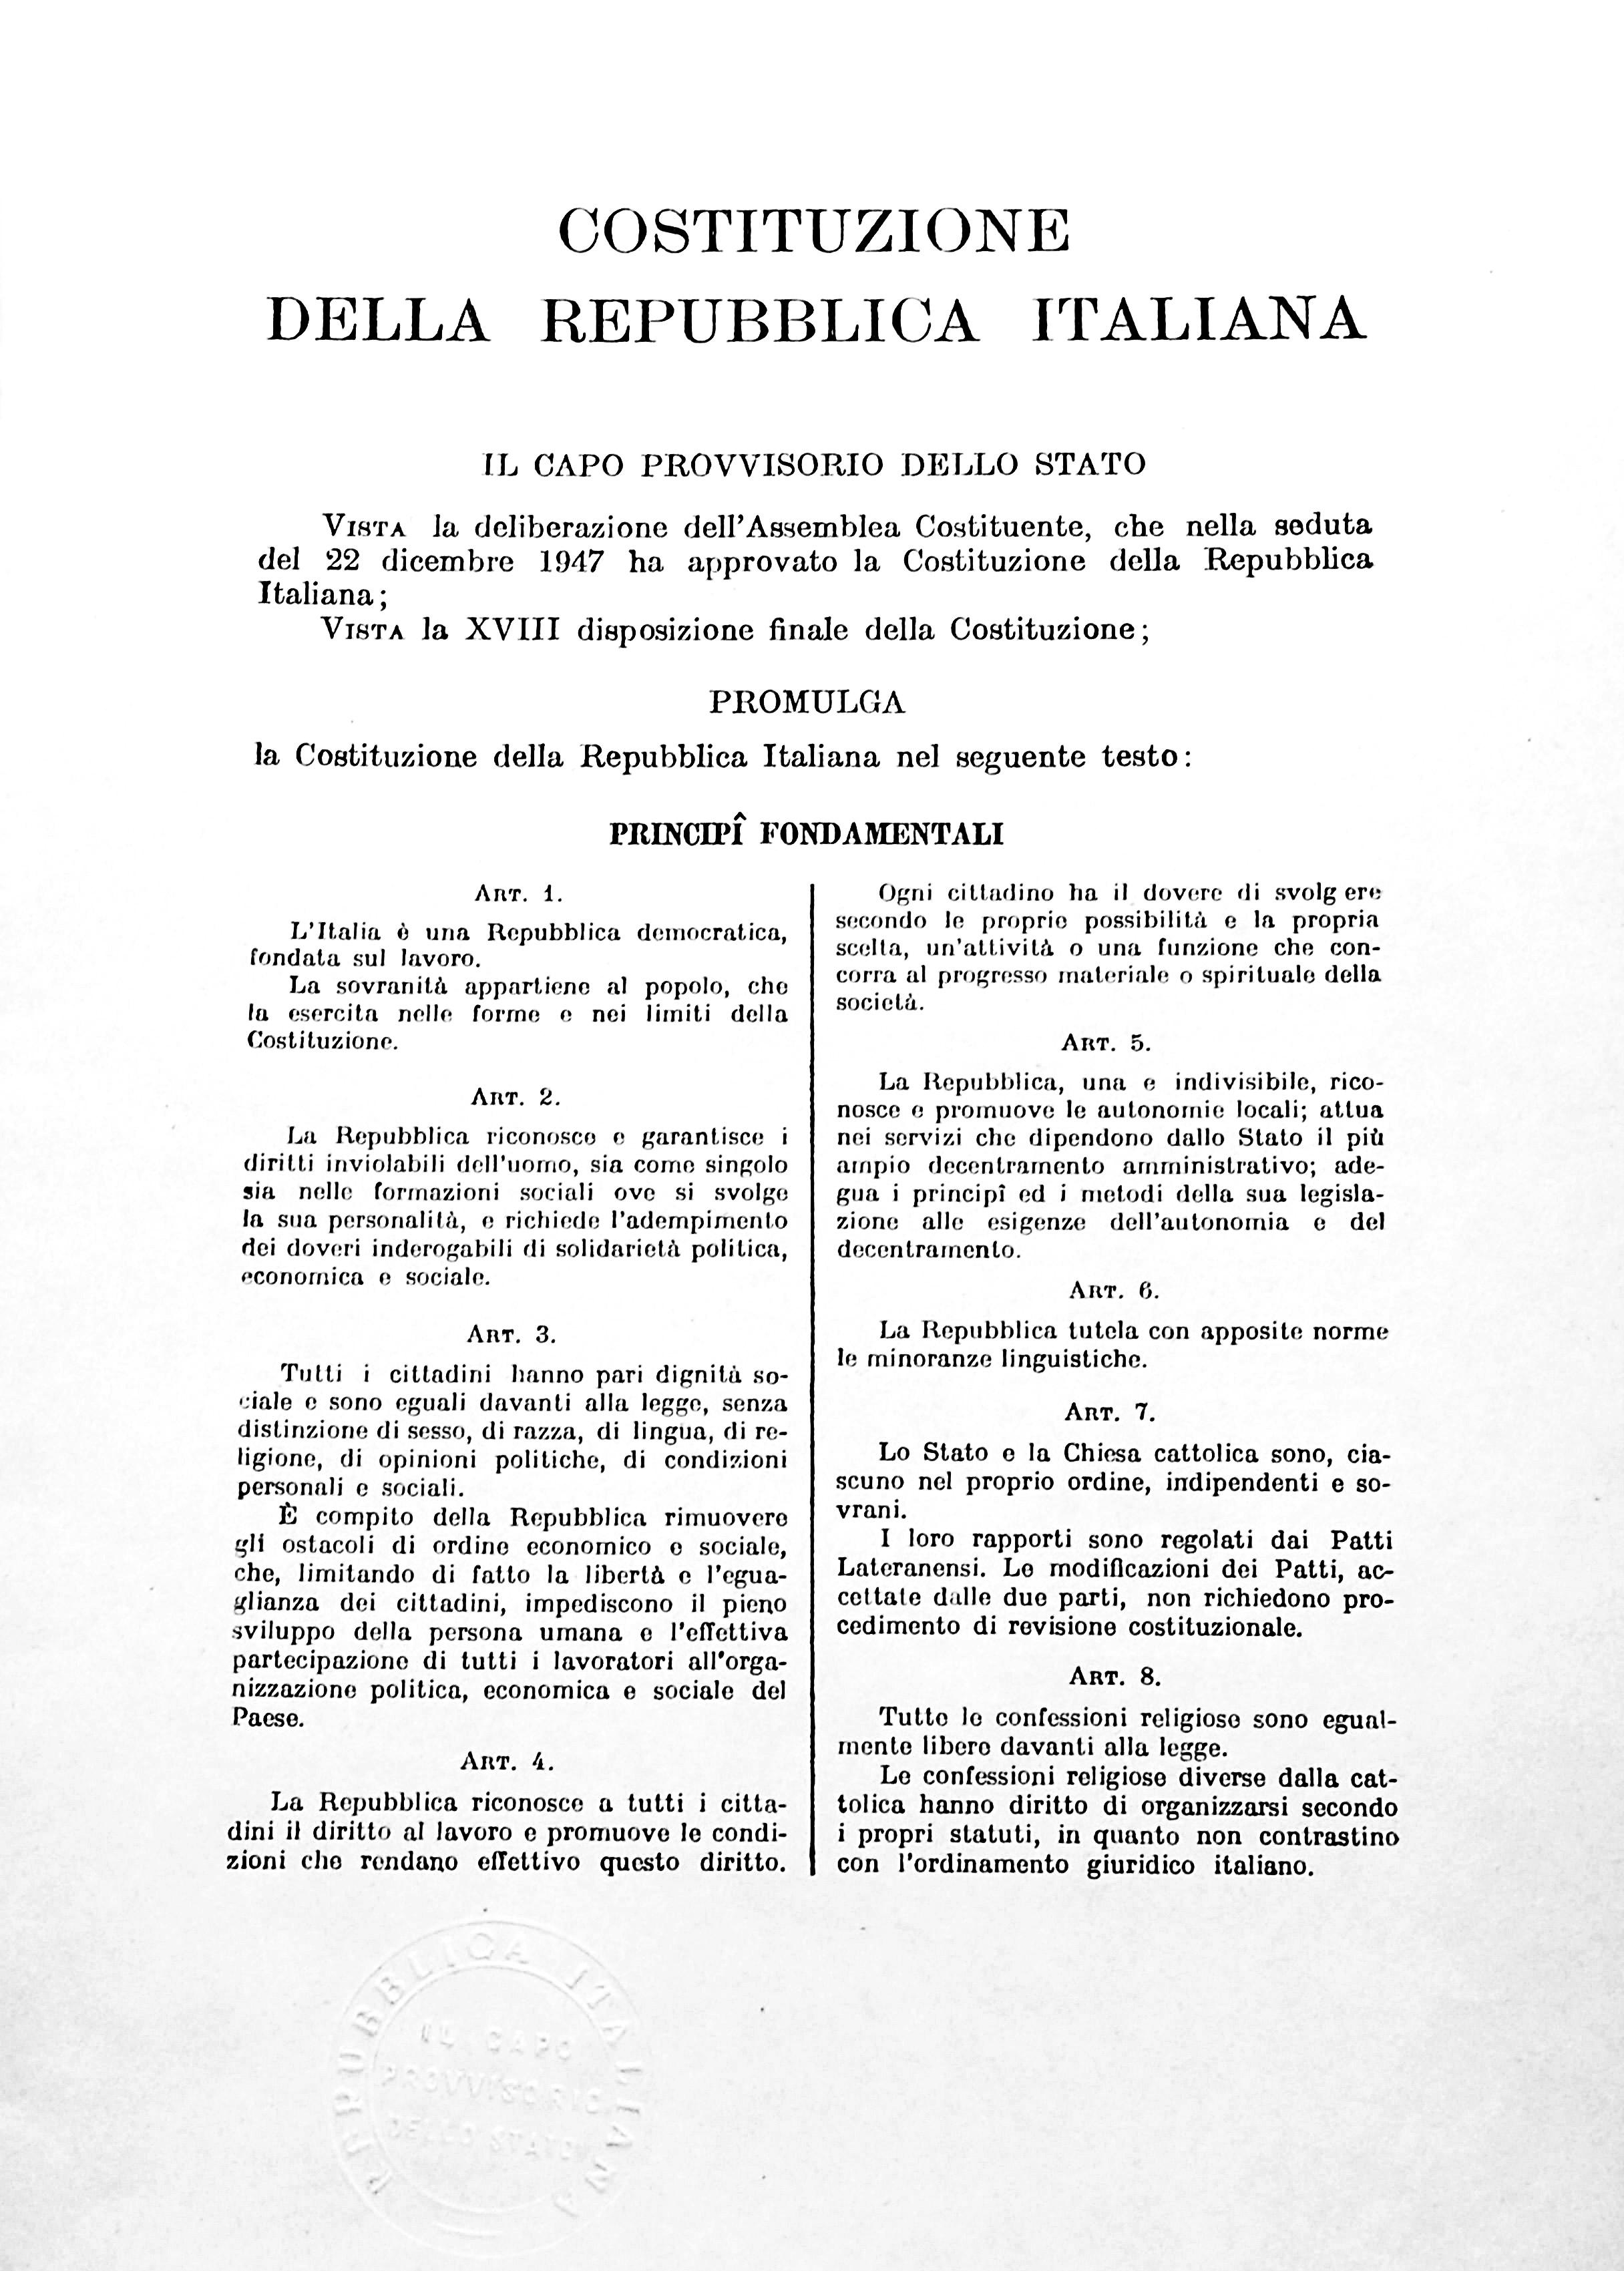 File:Costituzione della Repubblica Italiana.jpg